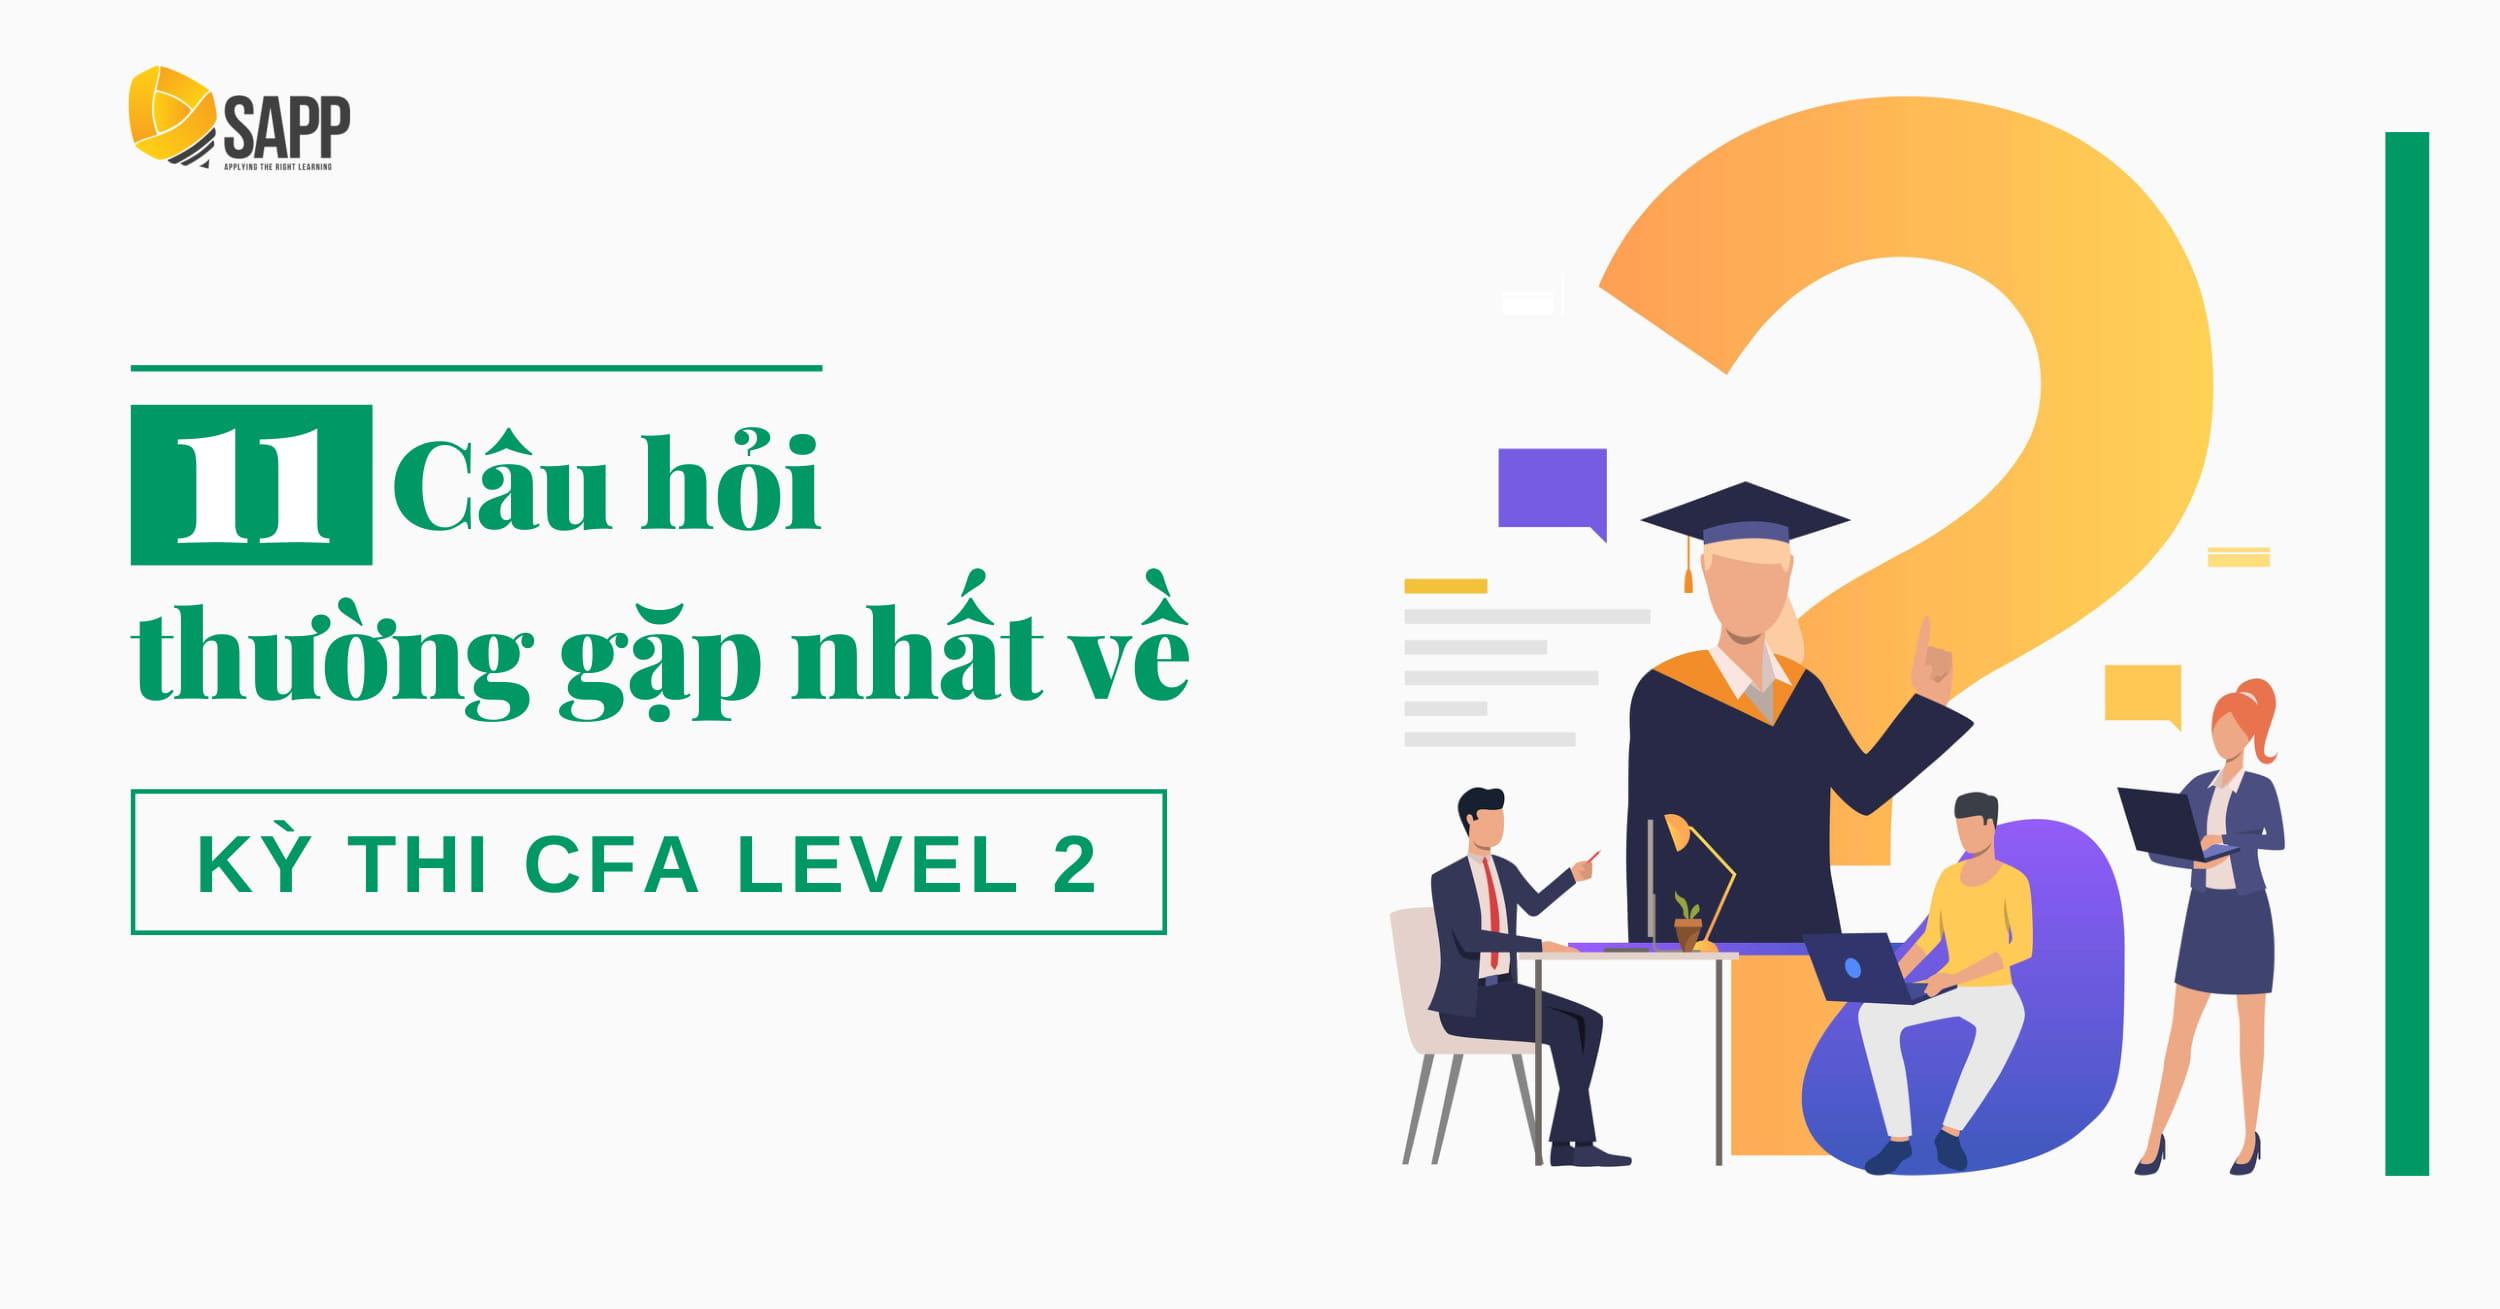 11 Câu Hỏi Thường Gặp Nhất Về Kỳ Thi CFA Level 2 - SAPP Academy